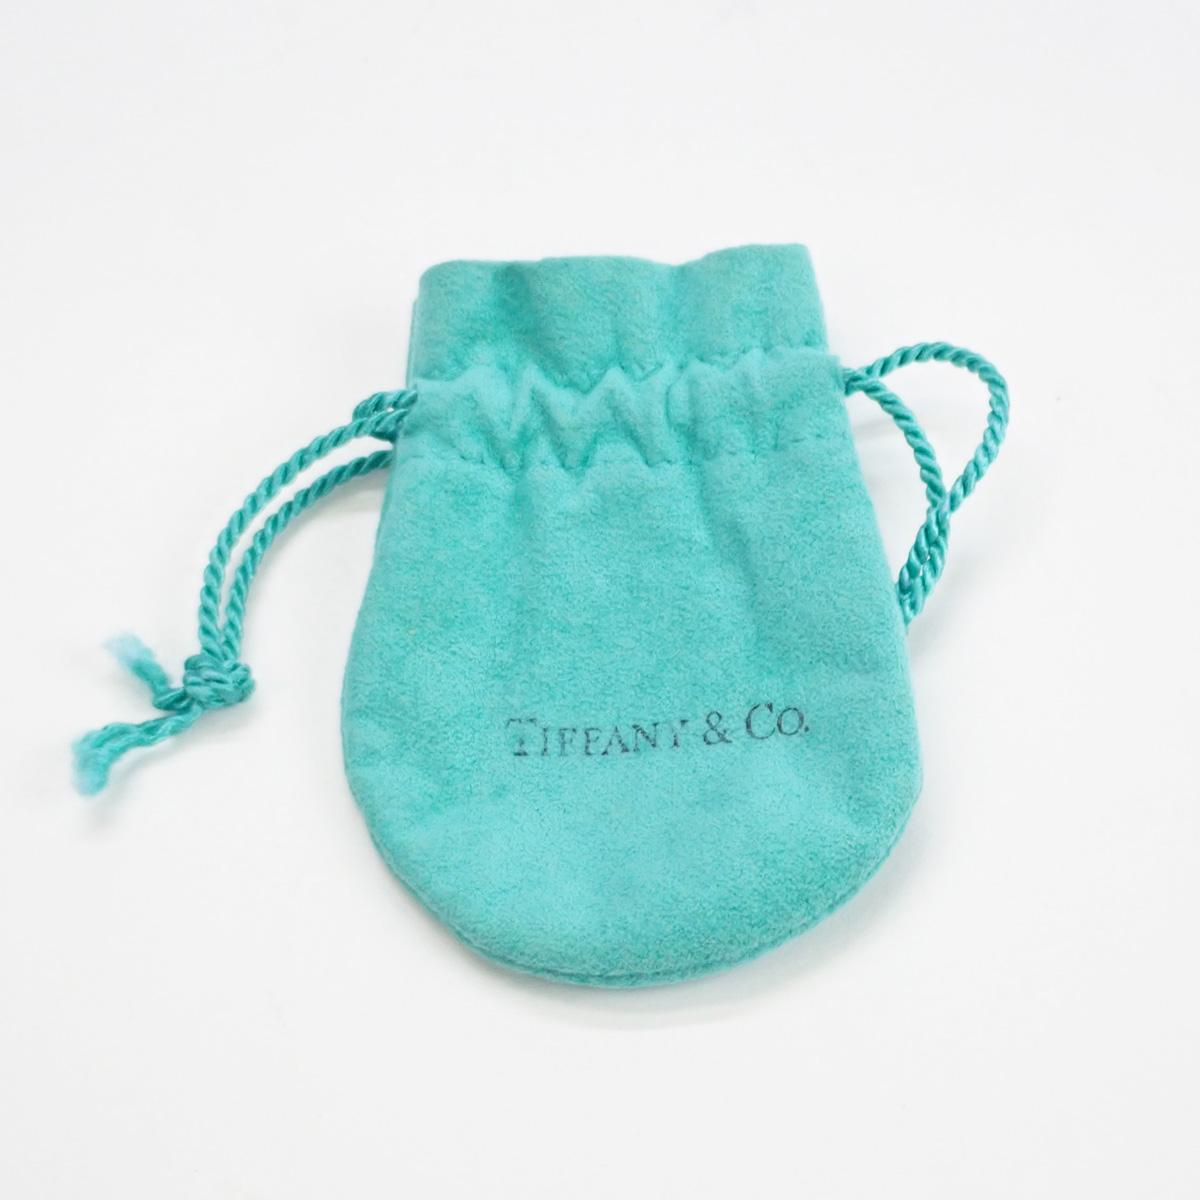 【辛口評価】【ABランク】Tiffany&Co. ティファニー AG925 サマセット リング ゲージ棒約13号